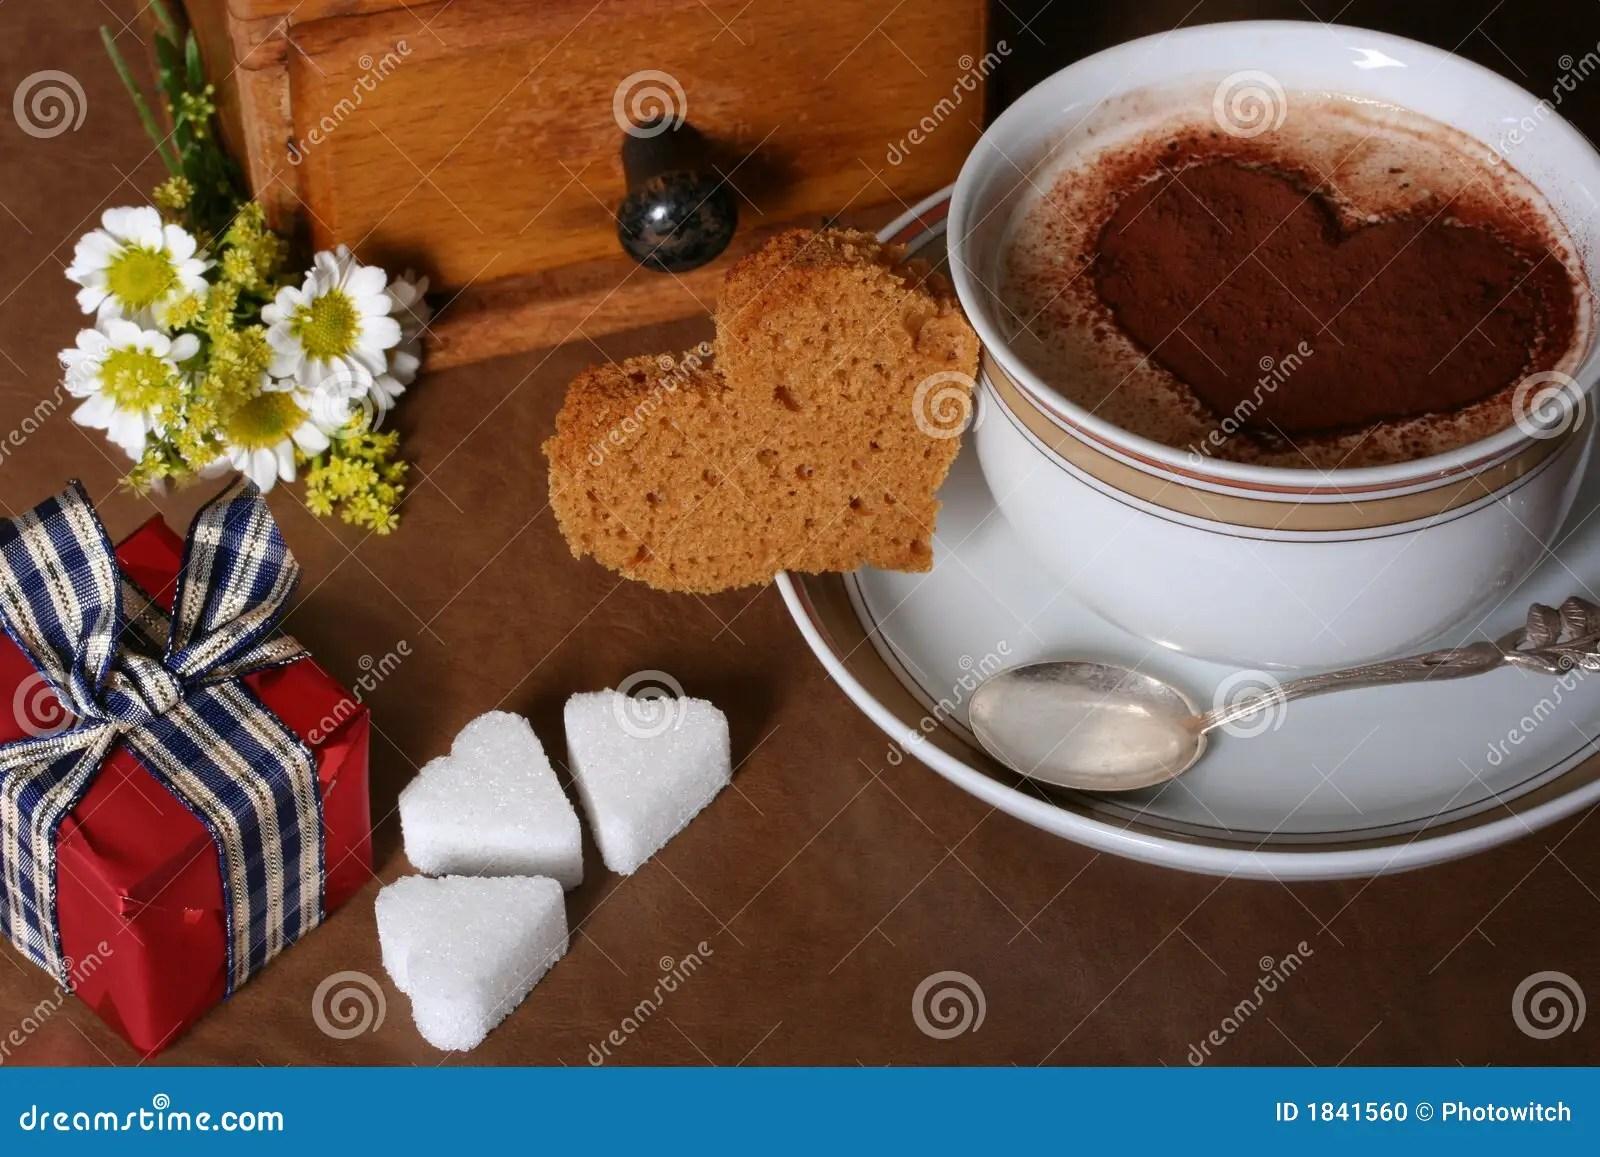 Valentines Coffee Stock Photo Image 1841560